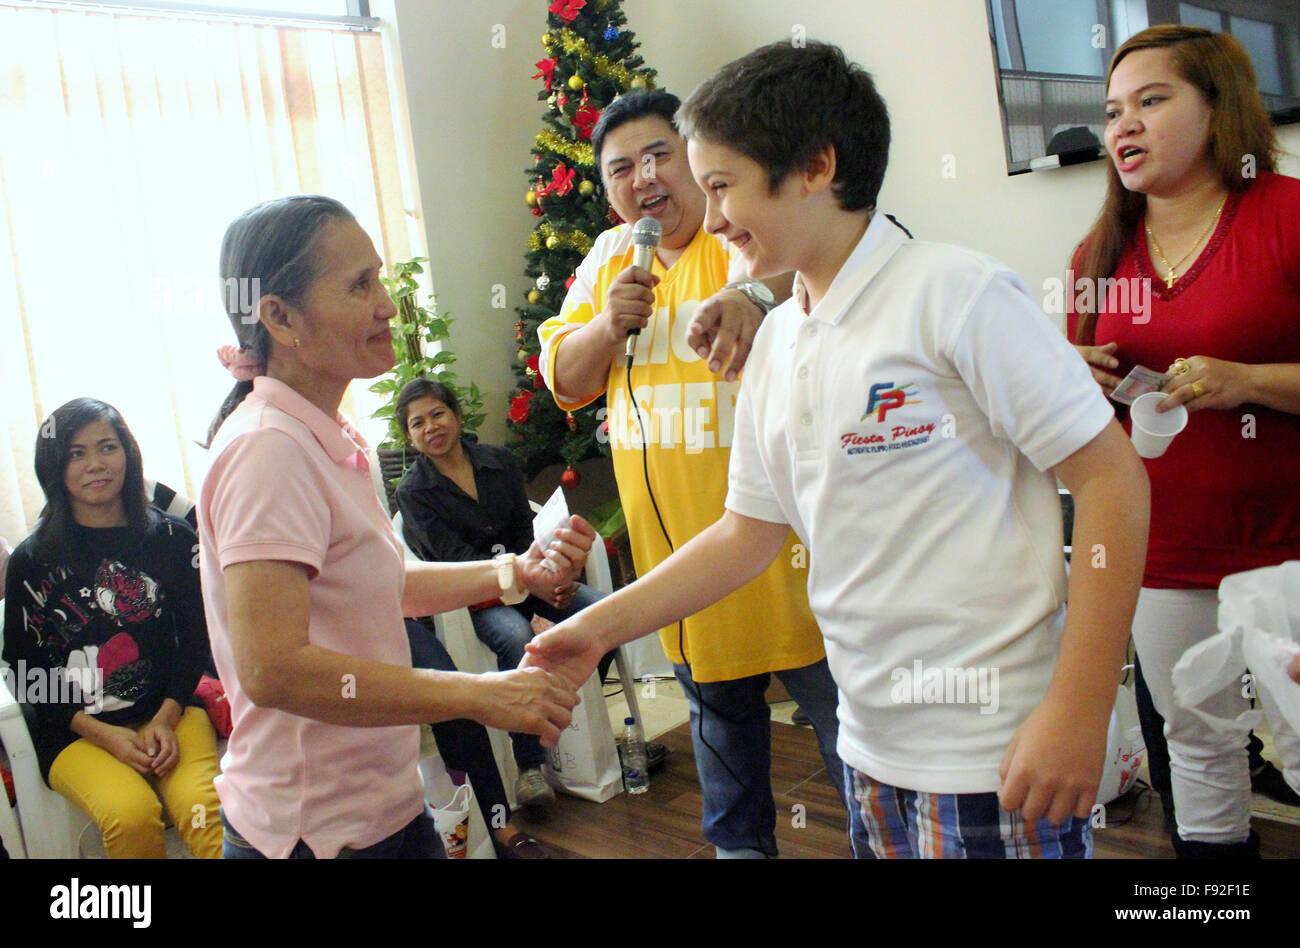 Fiesta Pinoy Restaurantbesitzer Houssam Abdul Malak und seinem Sohn ...